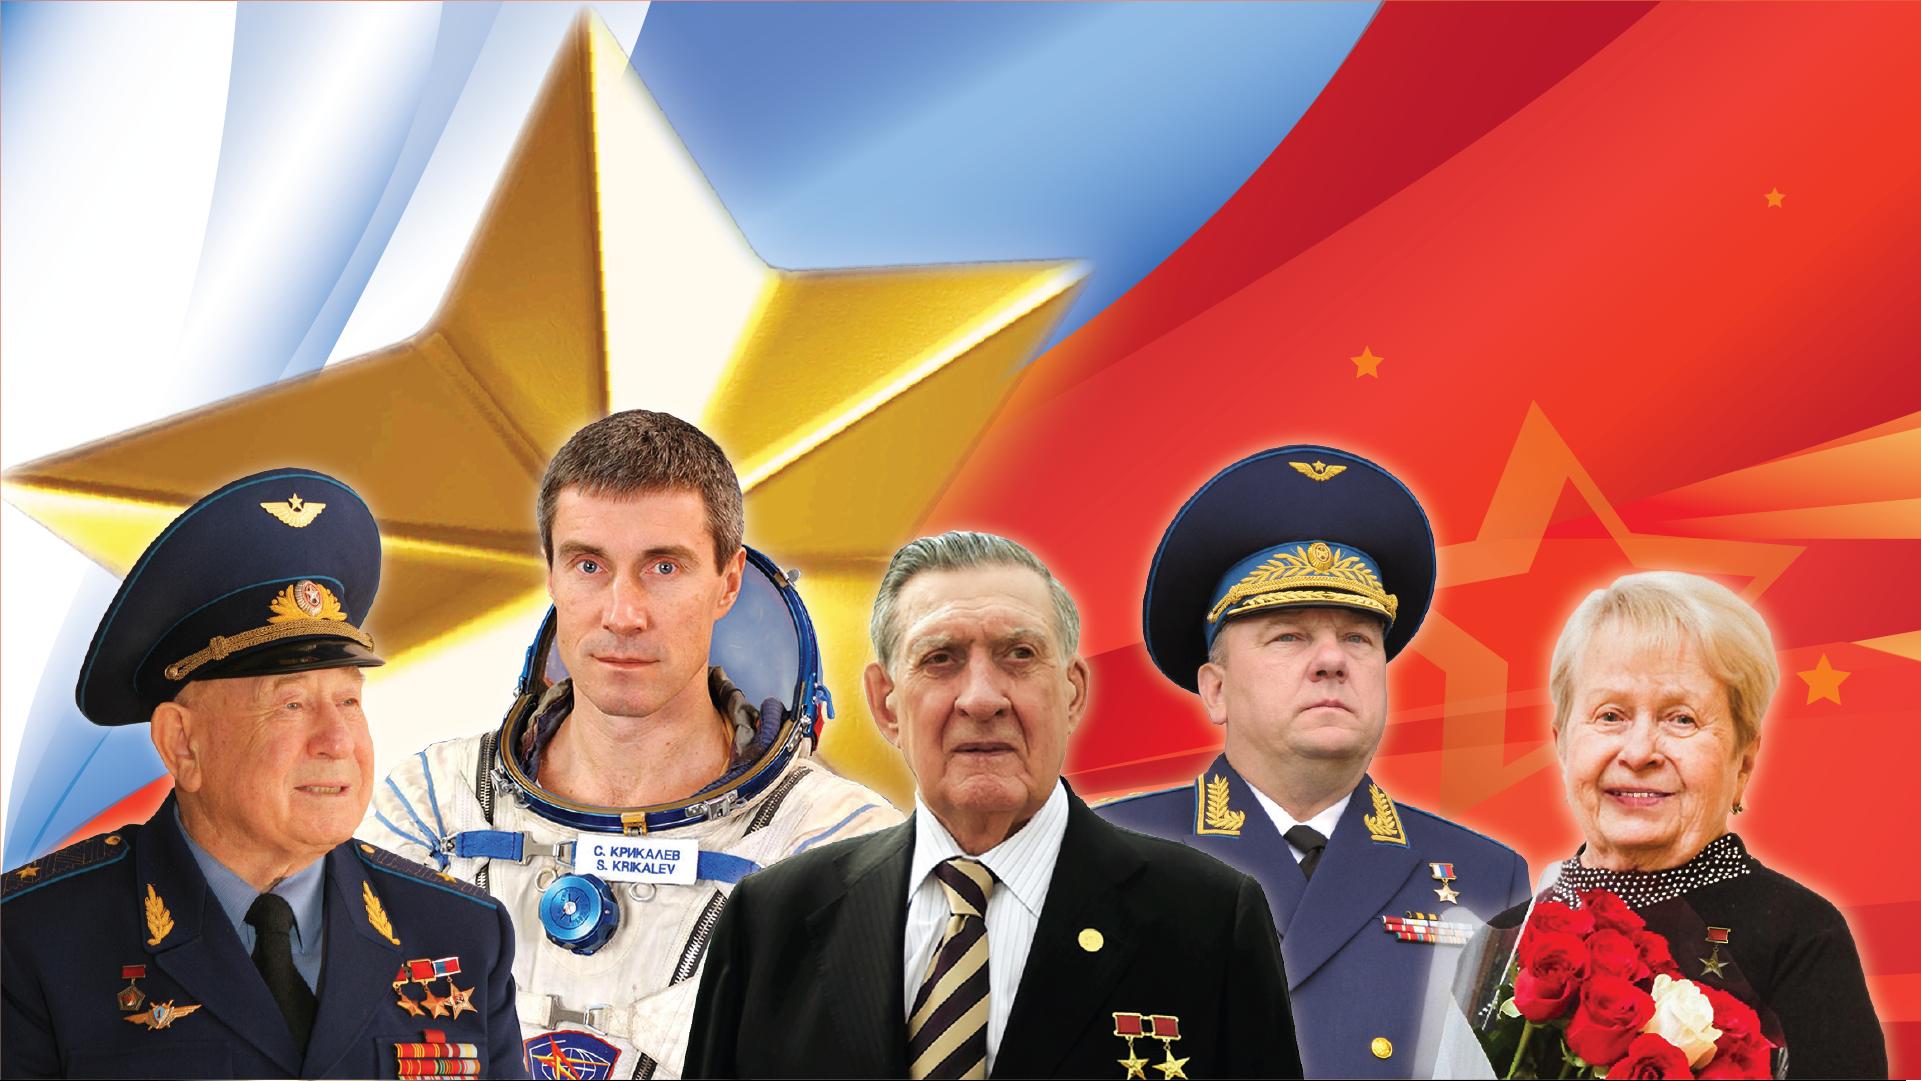 Благотворительный концерт, посвященный Дню Героев Отечества «Здравствуй, страна героев!»